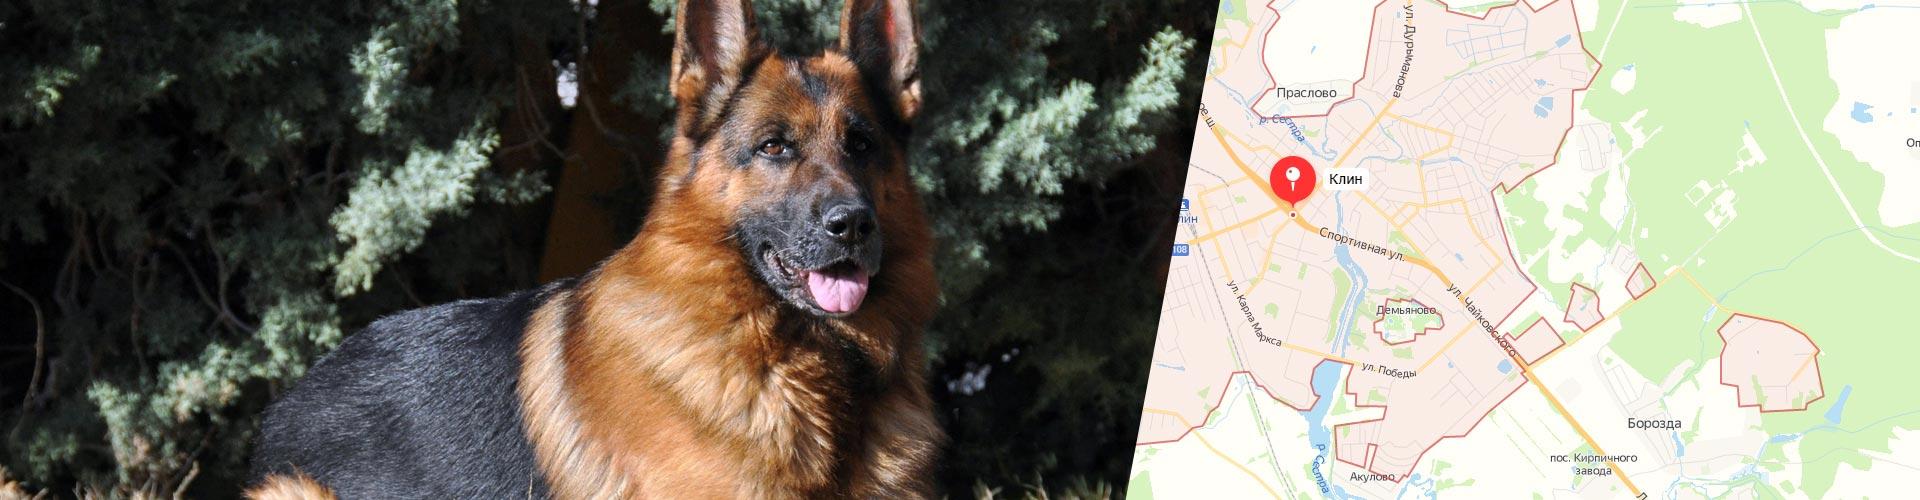 Вольеры для собак г. Клин